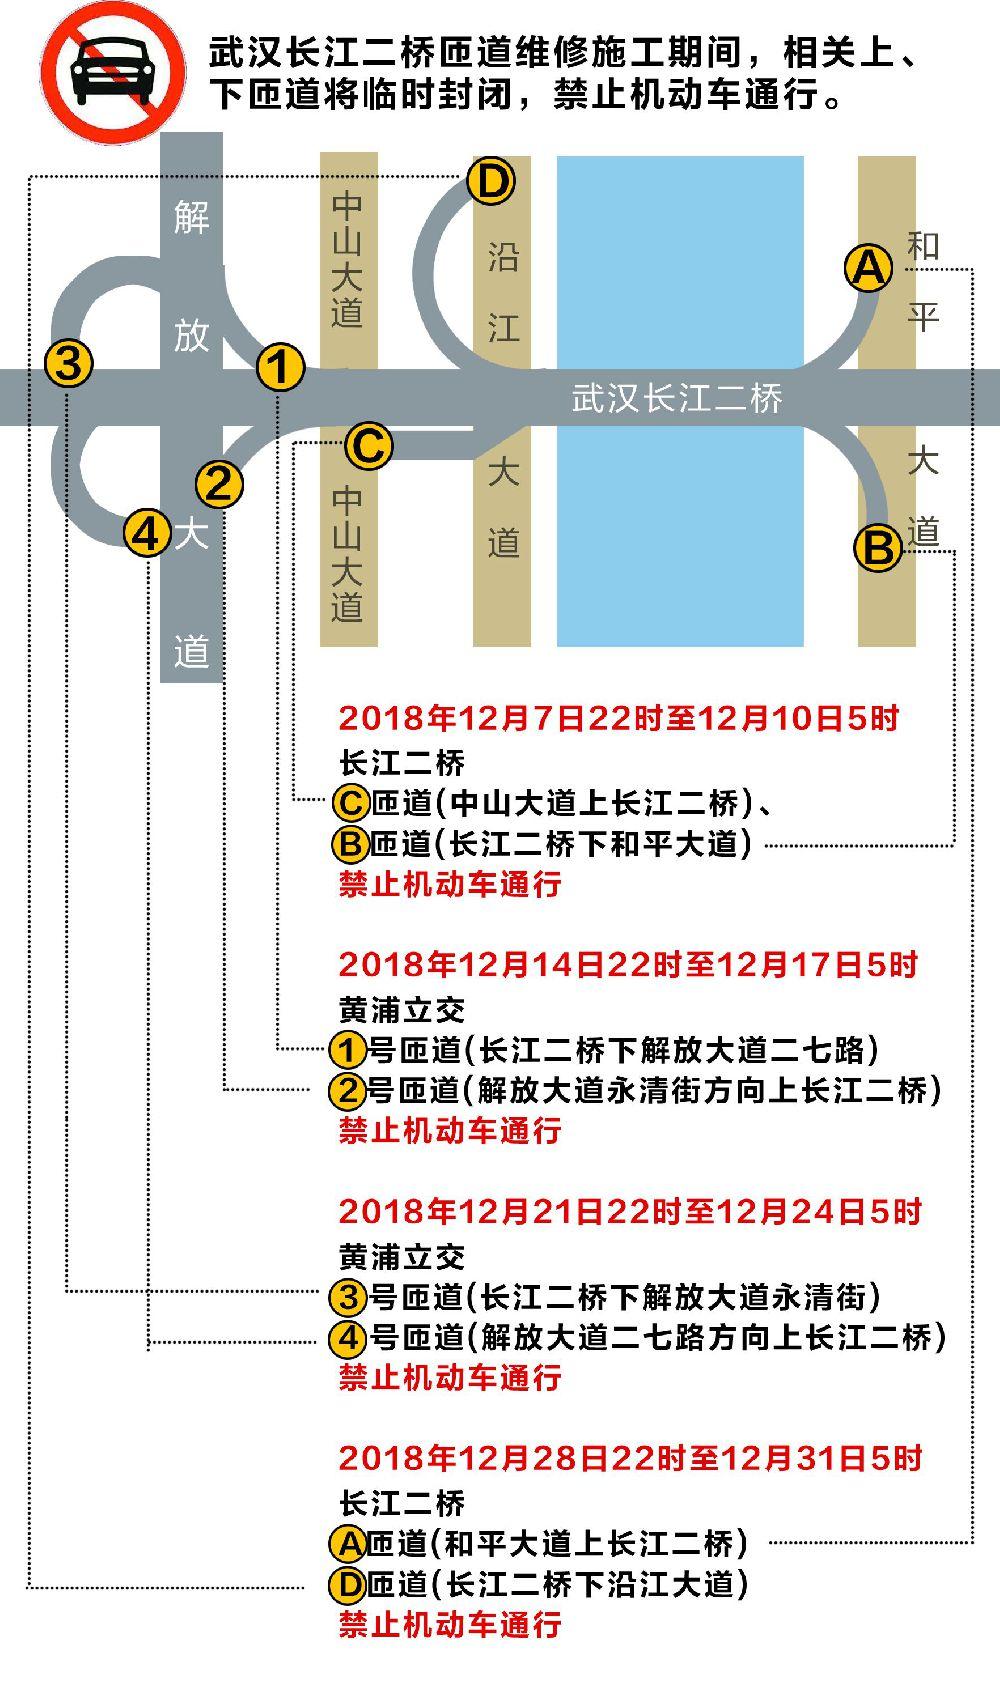 武汉长江二桥匝道7日起维修